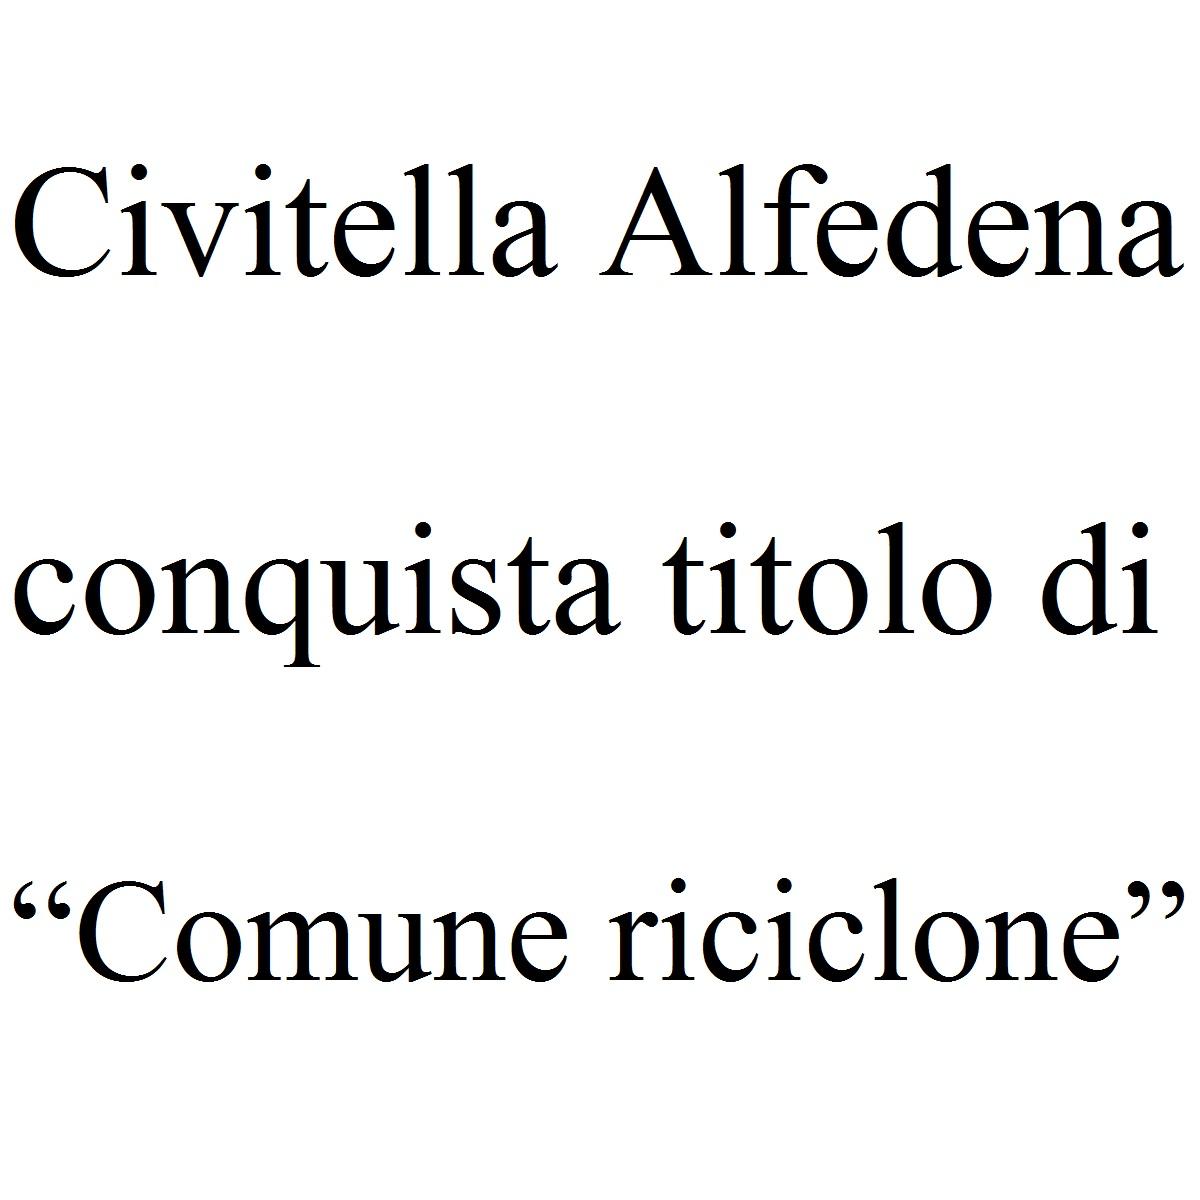 """Civitella Alfedena conquista titolo di """"Comune riciclone"""" foto"""